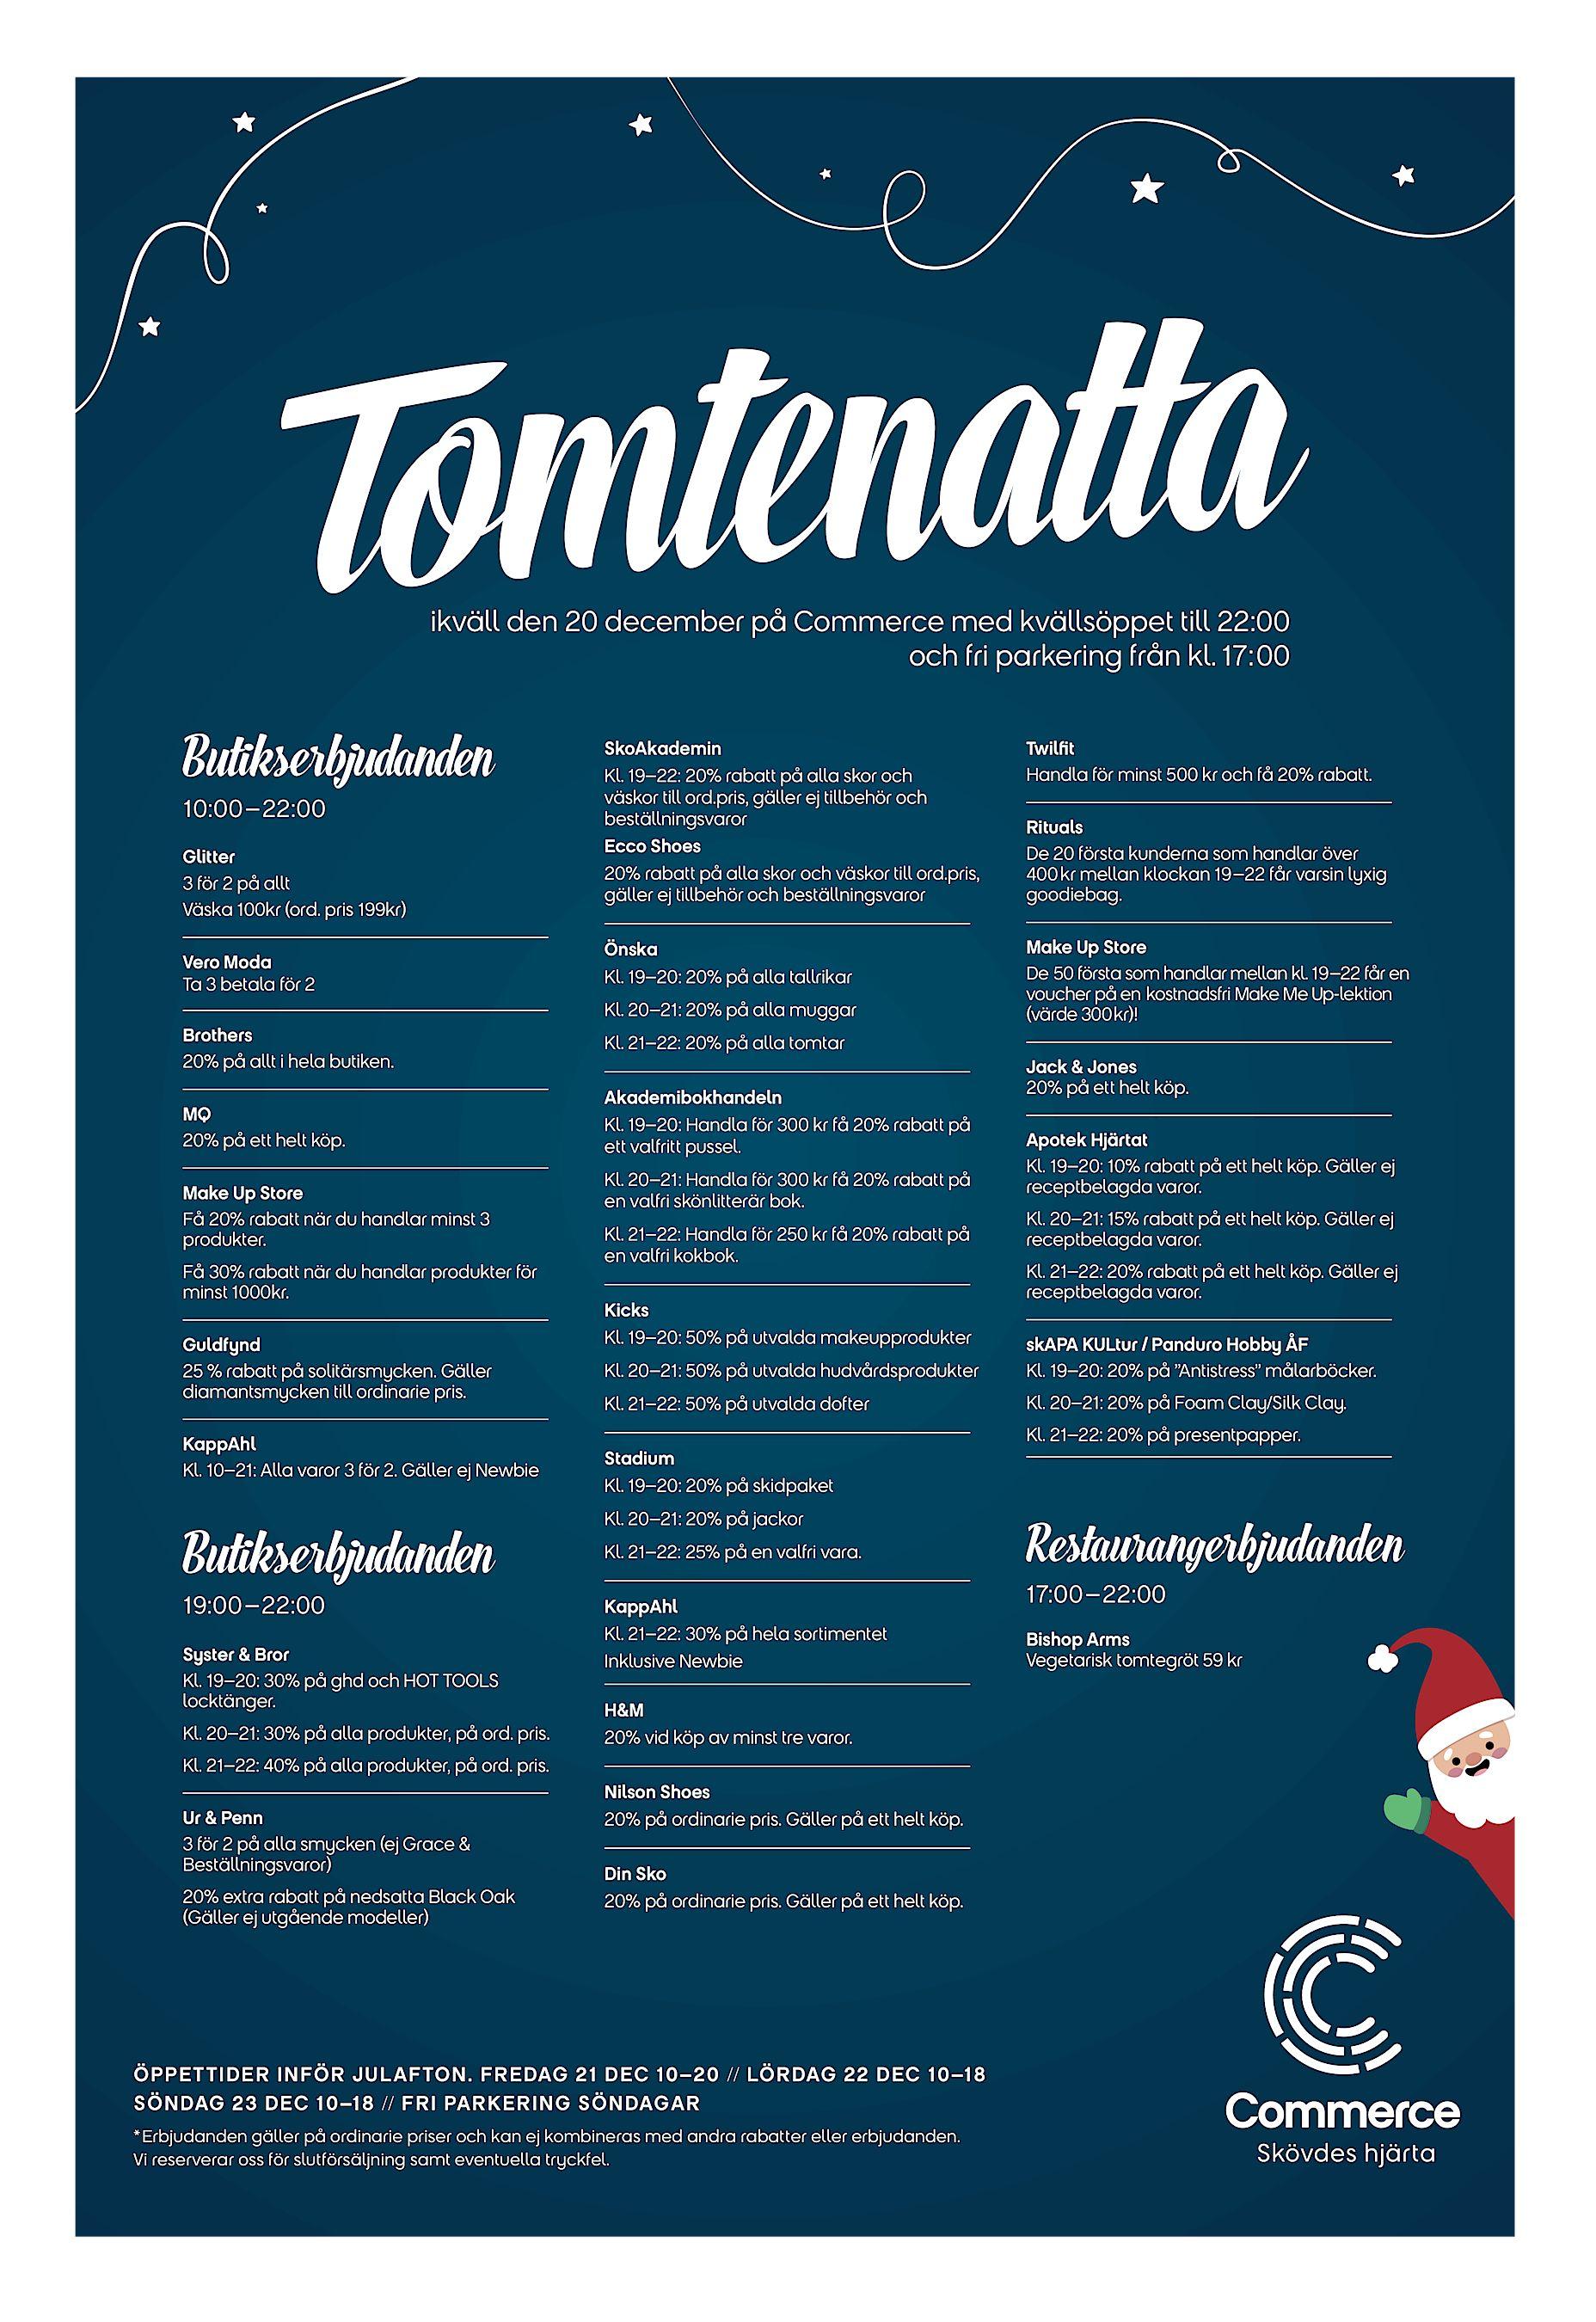 cbd36c594679 ikväll den 20 december på Commerce med kvällsöppet till 22:00 och fri  parkering från kl. 17:00 Butikserbjudanden 10:00–22:00 Glitter 3 för 2 på  allt Väska ...